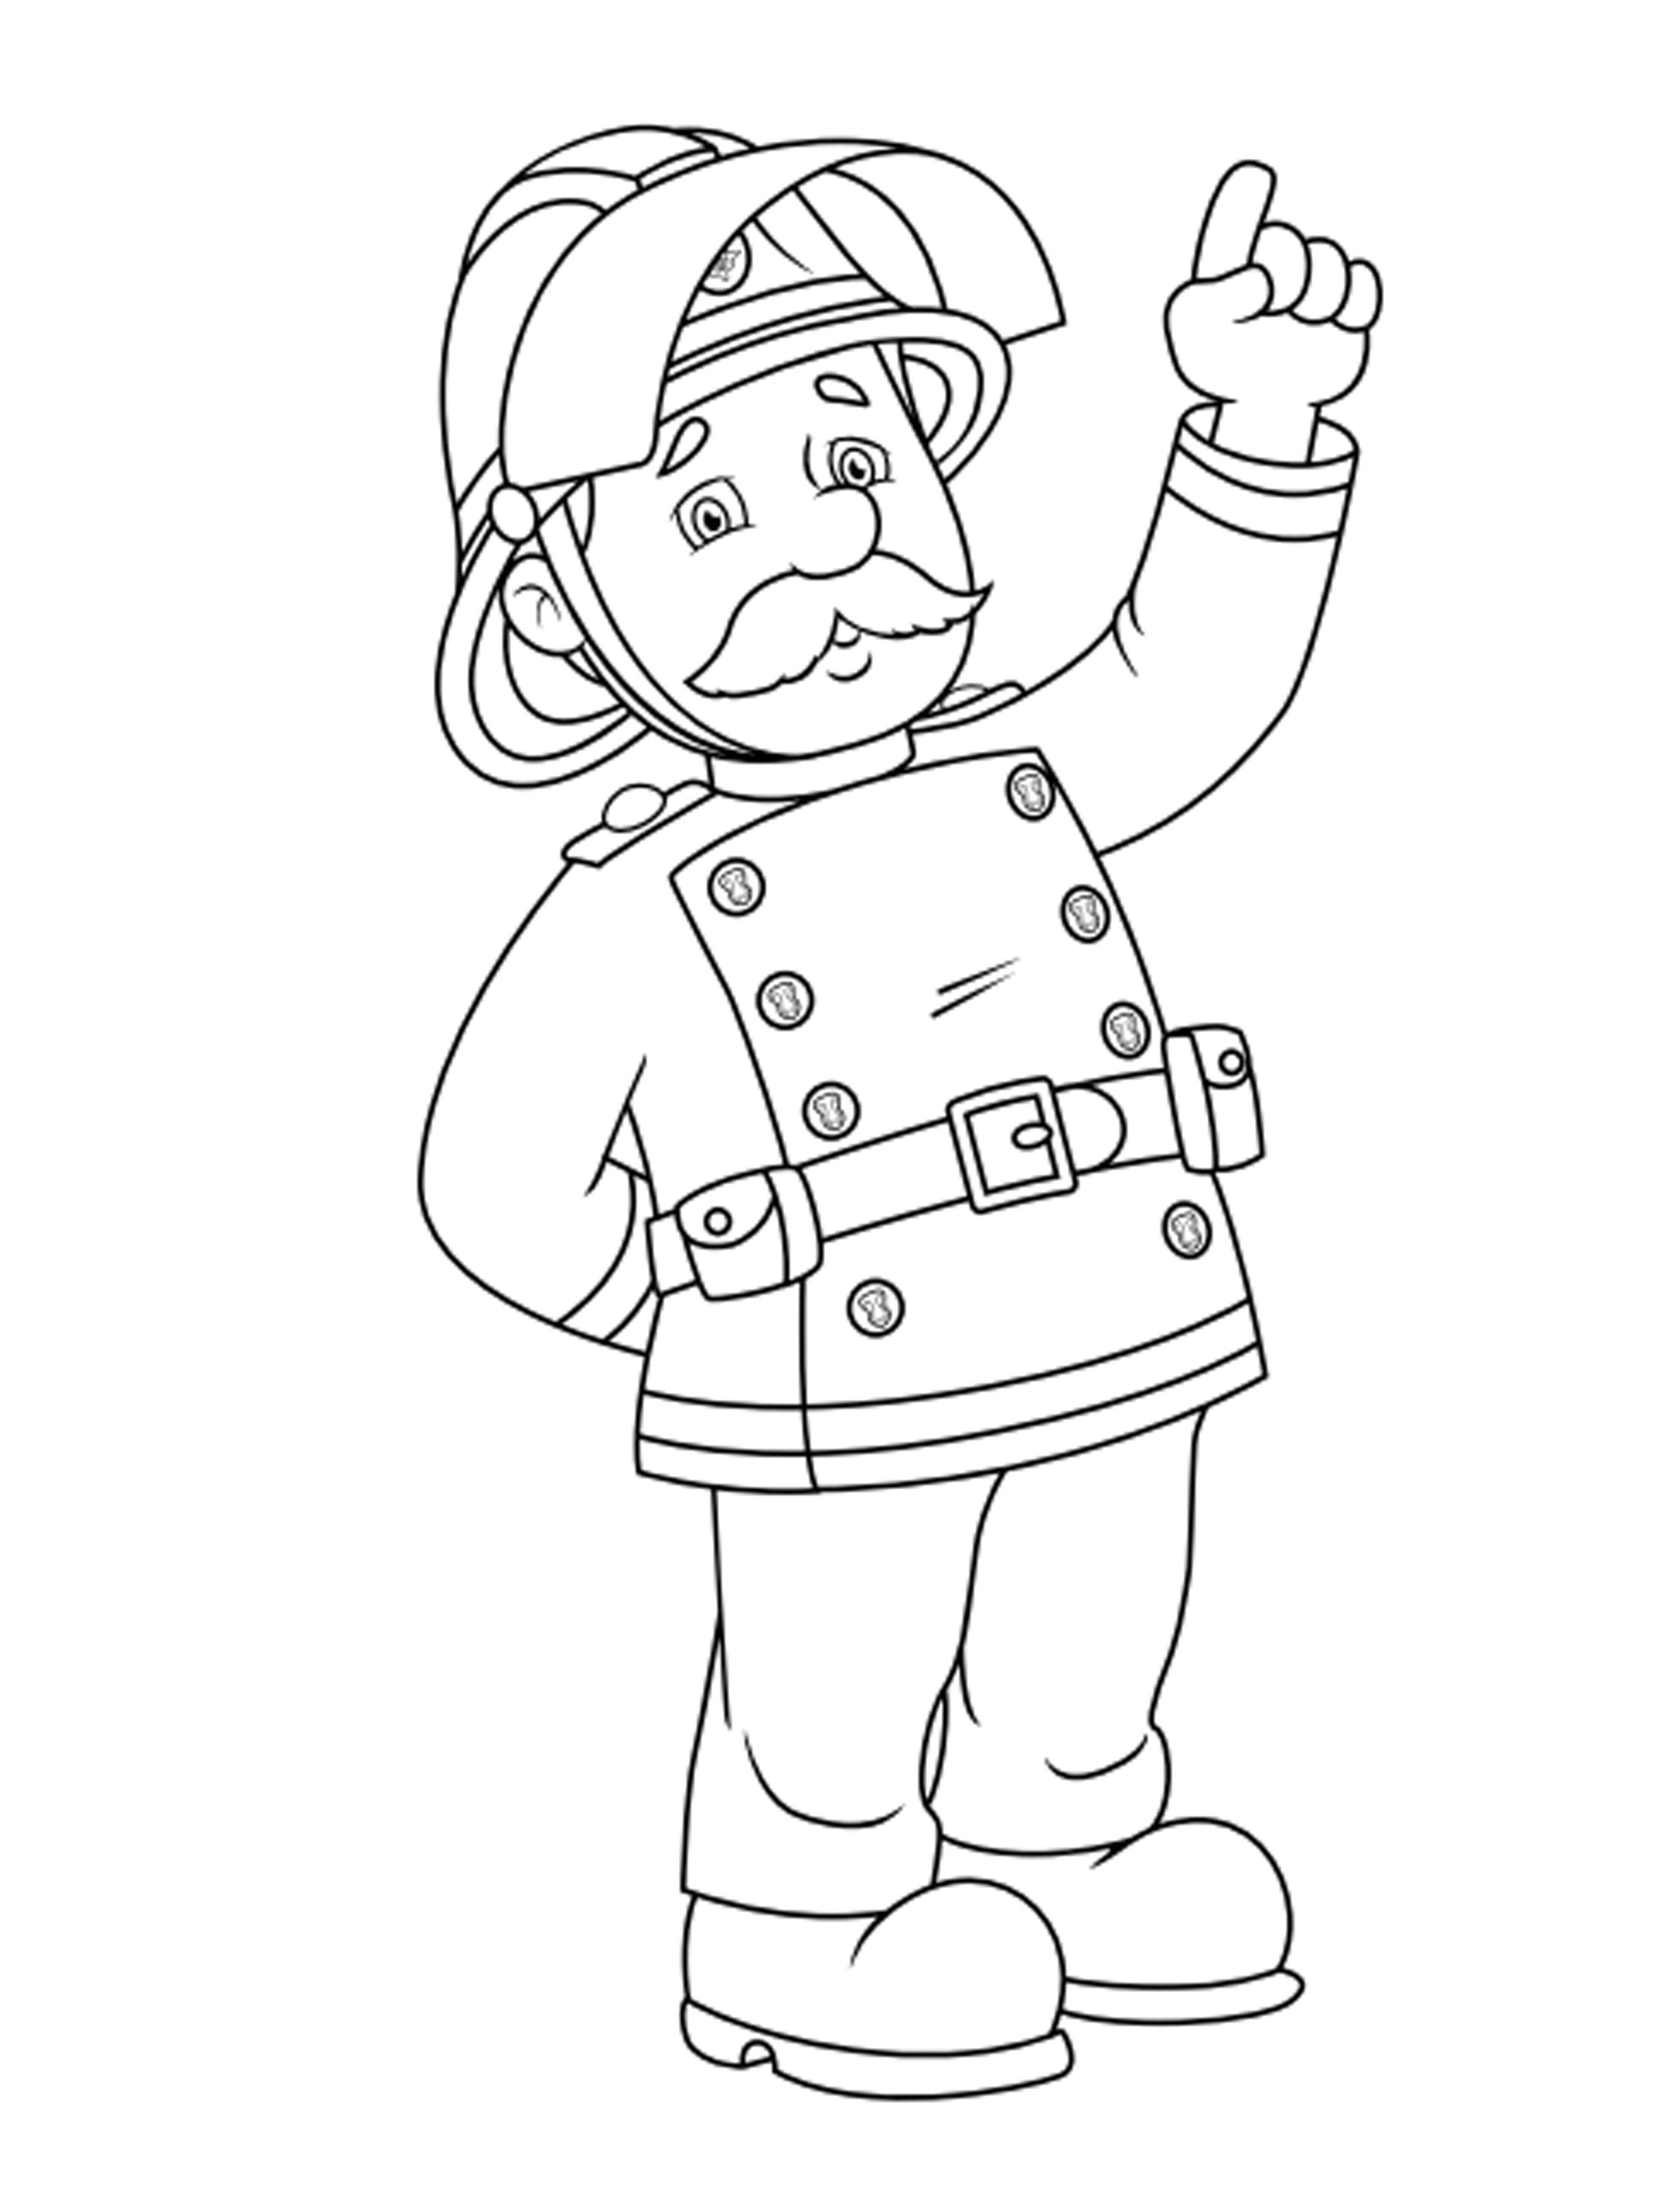 דף צביעה של המפקד של סמי הכבאי